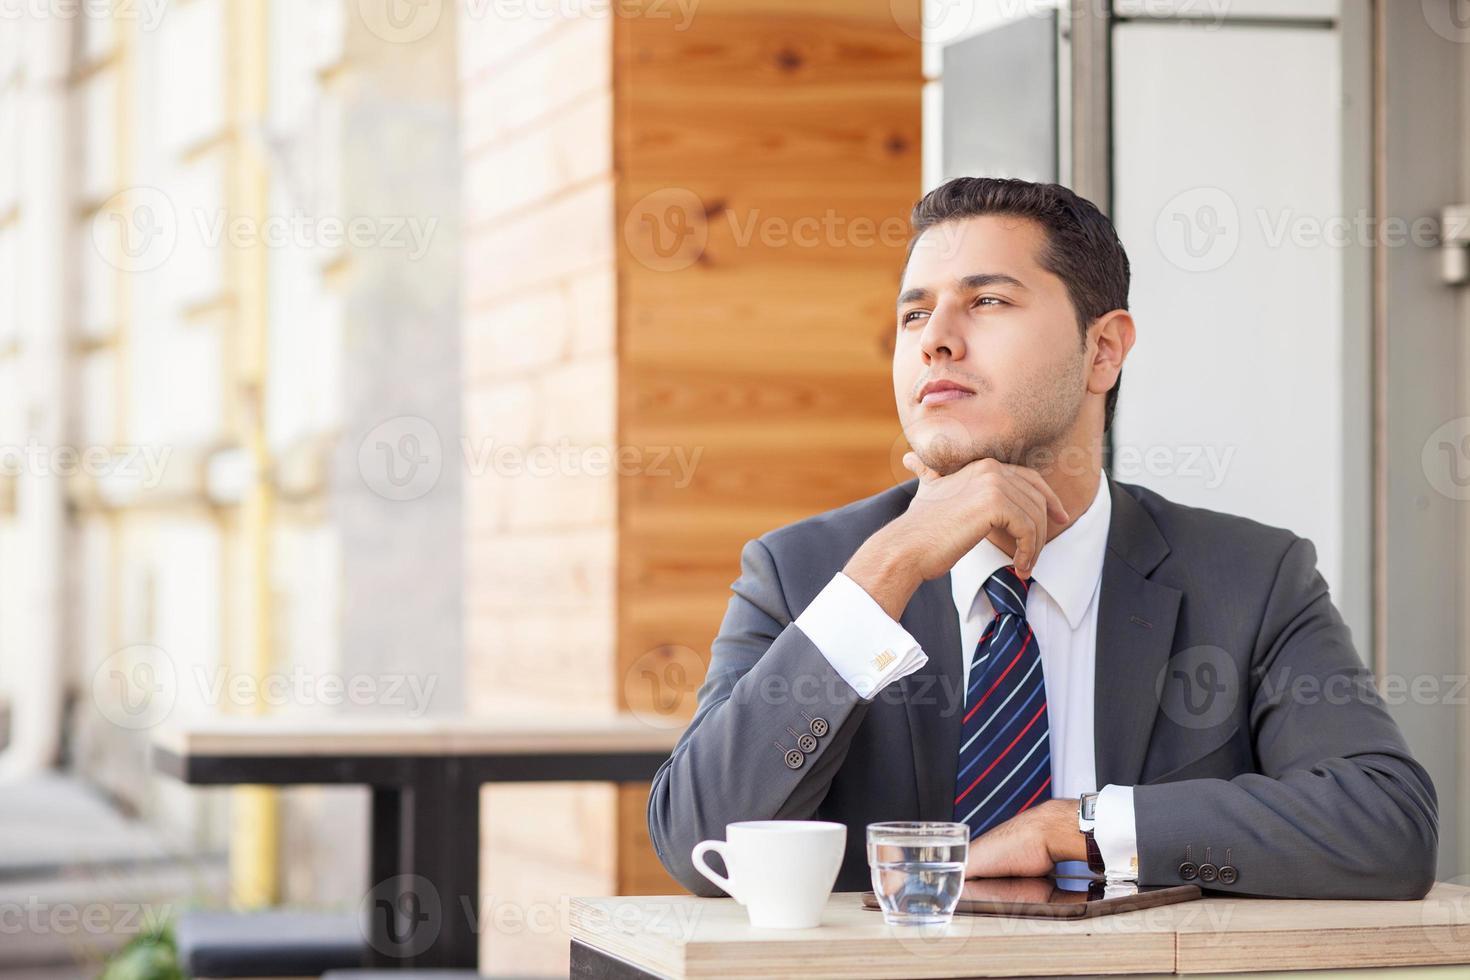 Der hübsche männliche Arbeiter ruht sich im Café aus foto